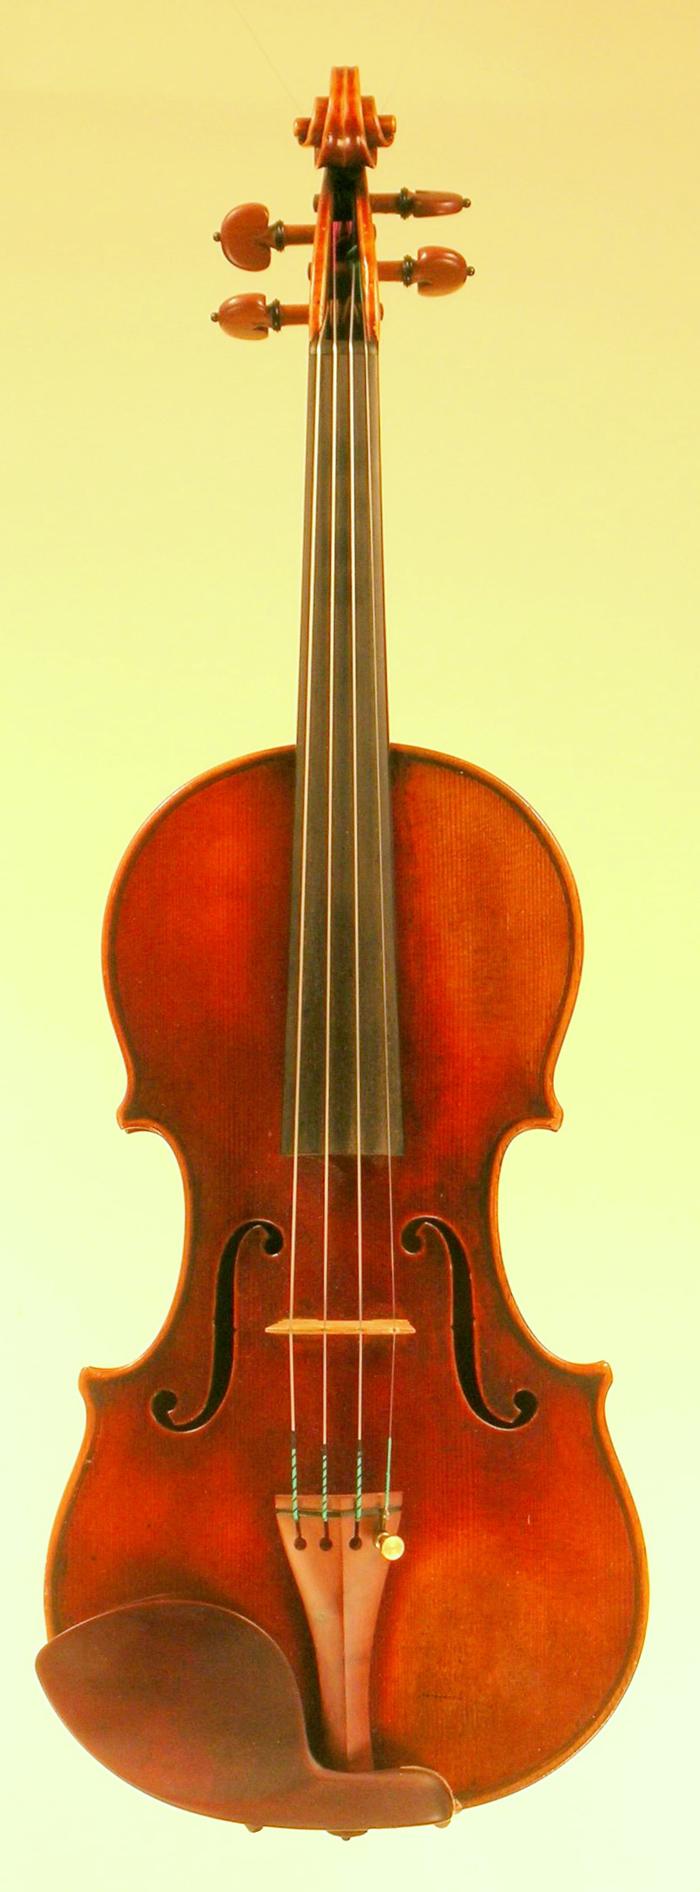 David gusset violin maker Vibeline